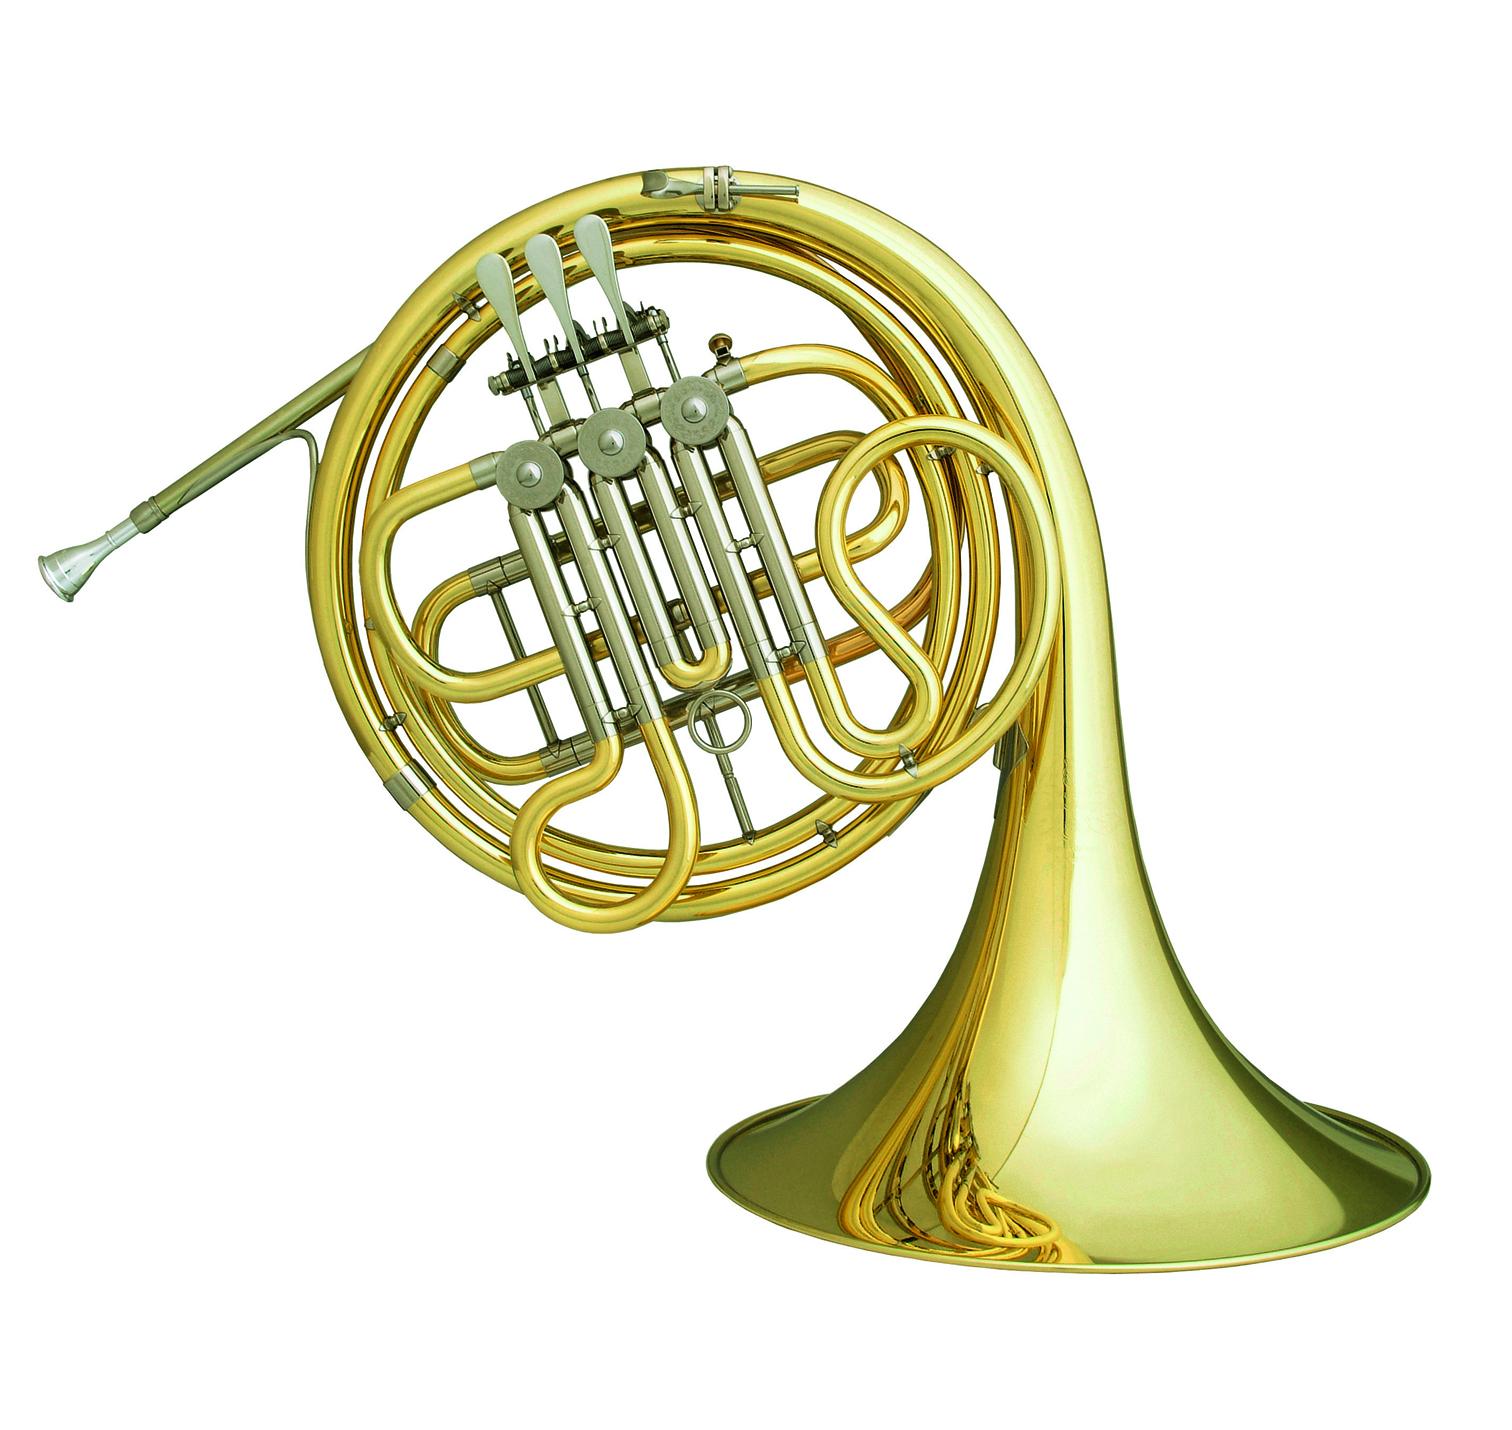 Hoyer - HH - 700 - 1 - 0 - Blechblasinstrumente - Hörner | MUSIK BERTRAM Deutschland Freiburg